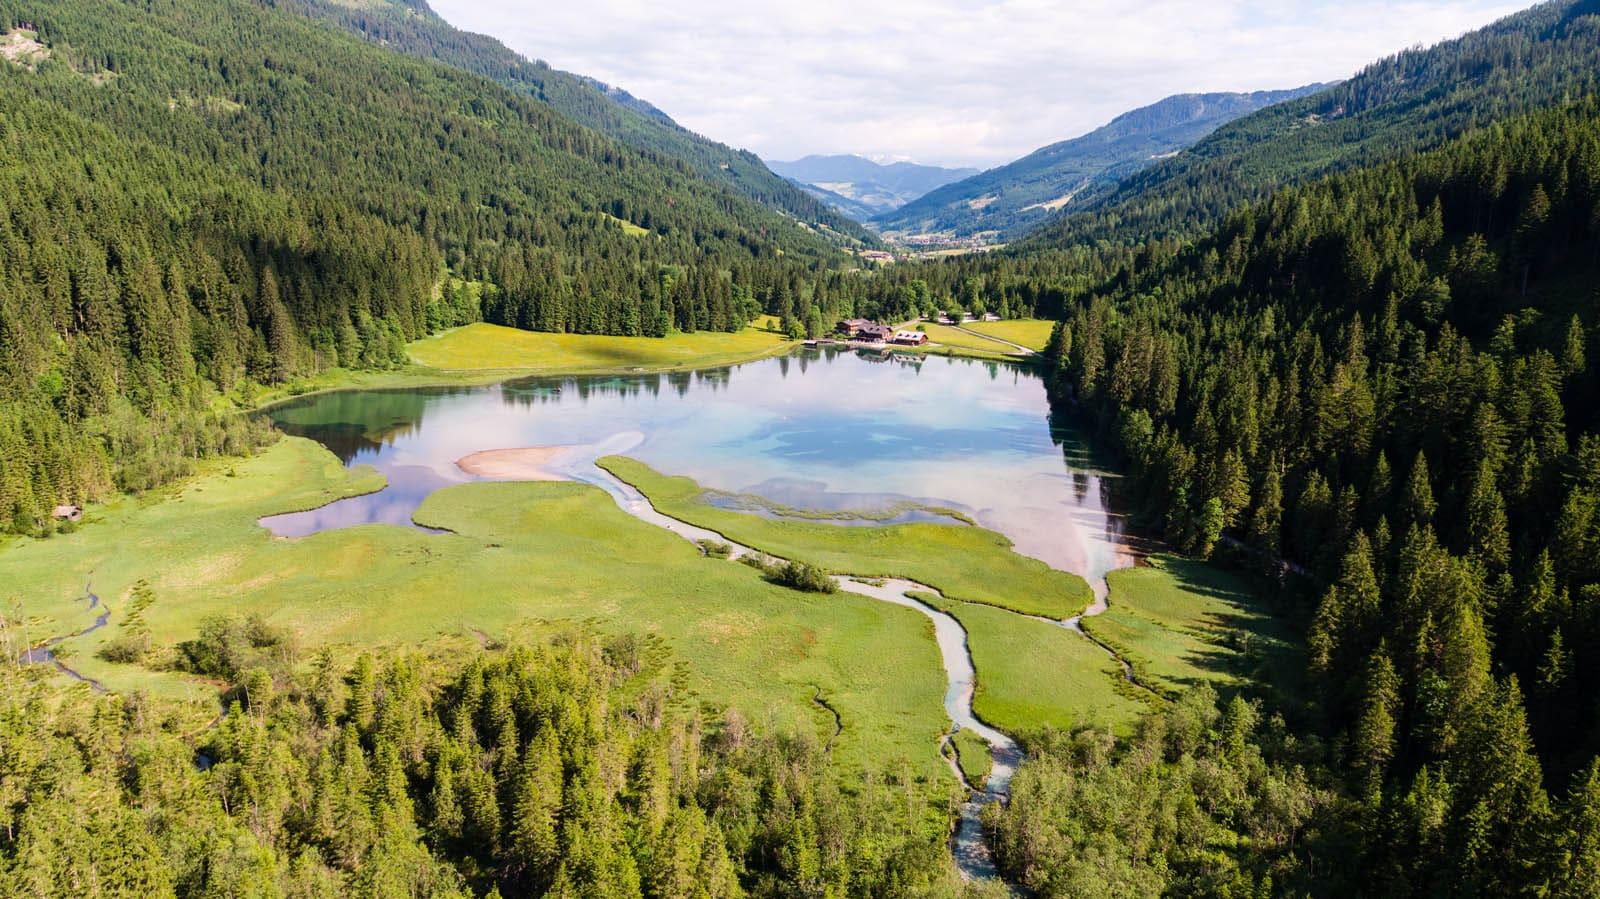 Aussicht hoch 2 auf der Wanderung zum Tappenkarsee blogHuette.at image 2